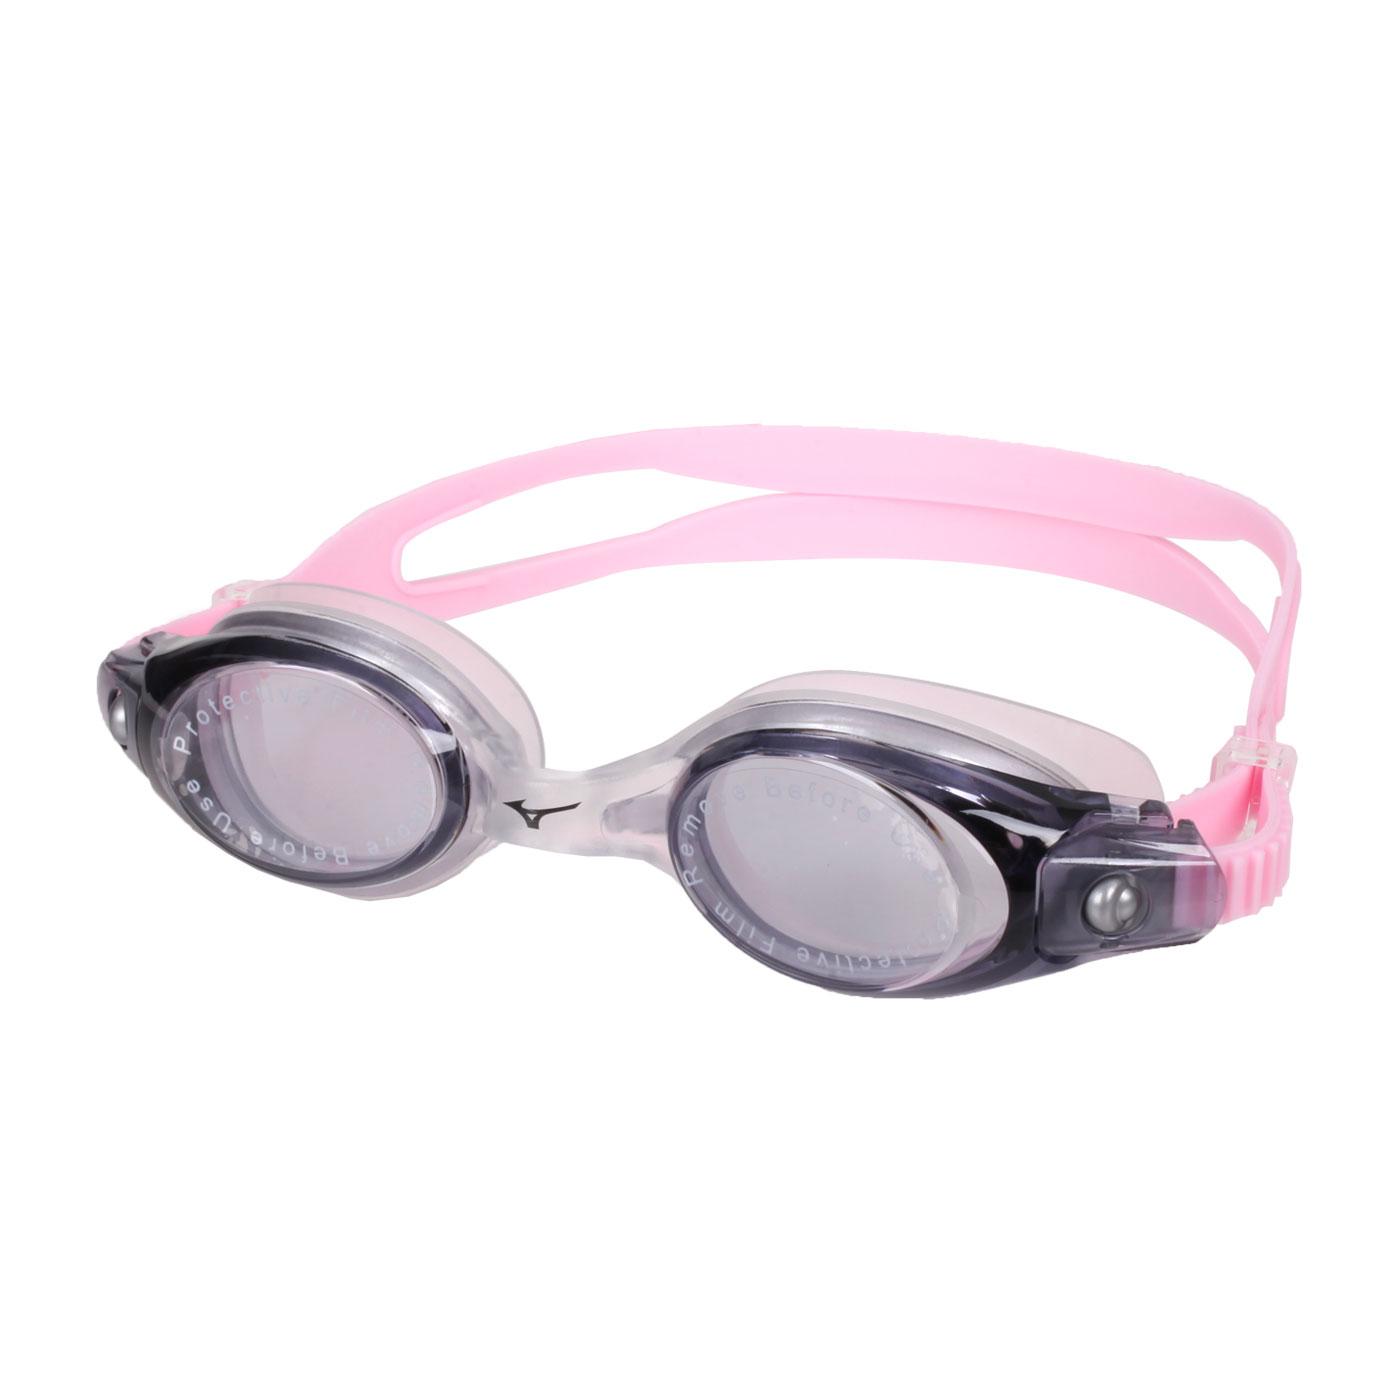 MIZUNO 泳鏡  SWIMN3TE701000-96 - 粉紅紫黑